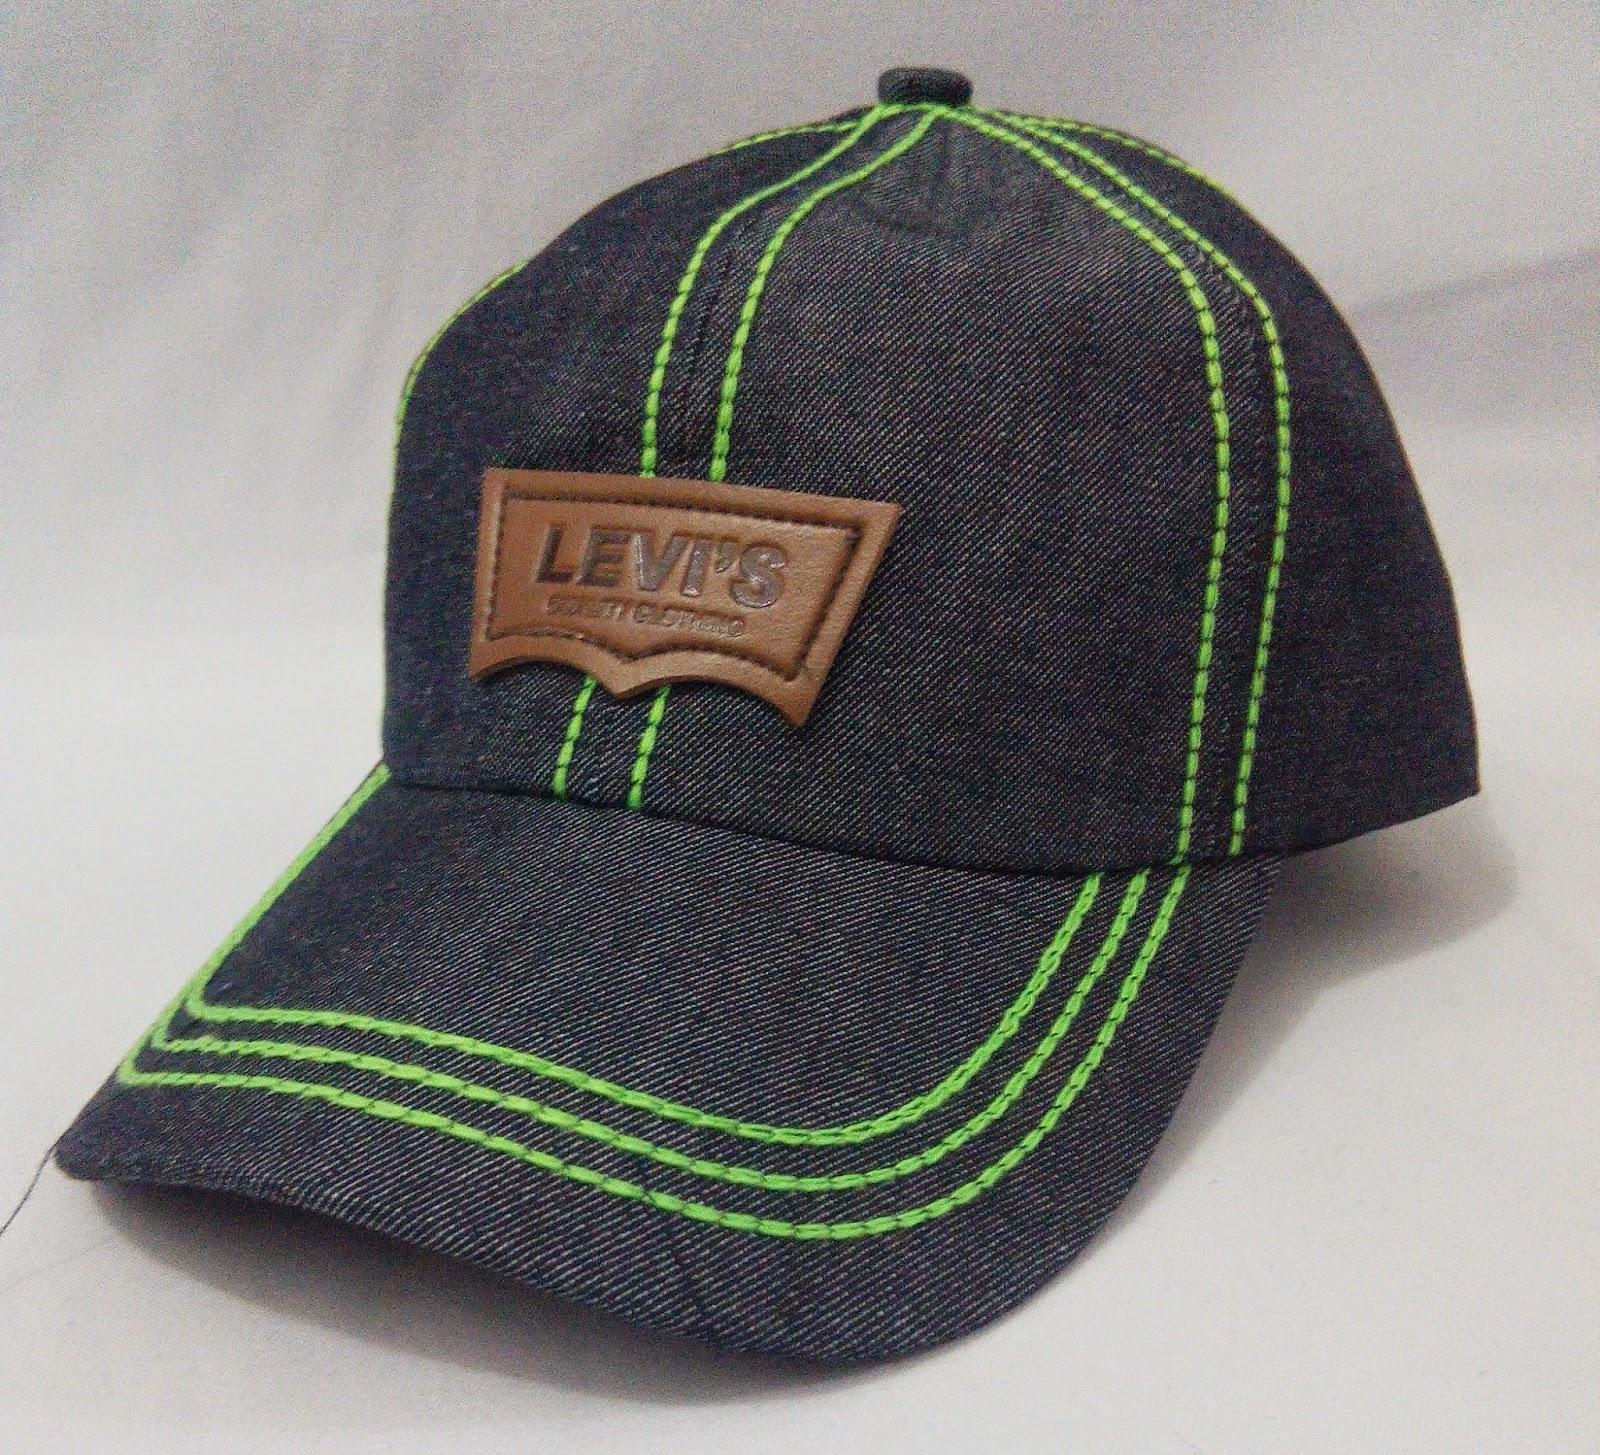 Download gambar topi keren untuk anak-anak